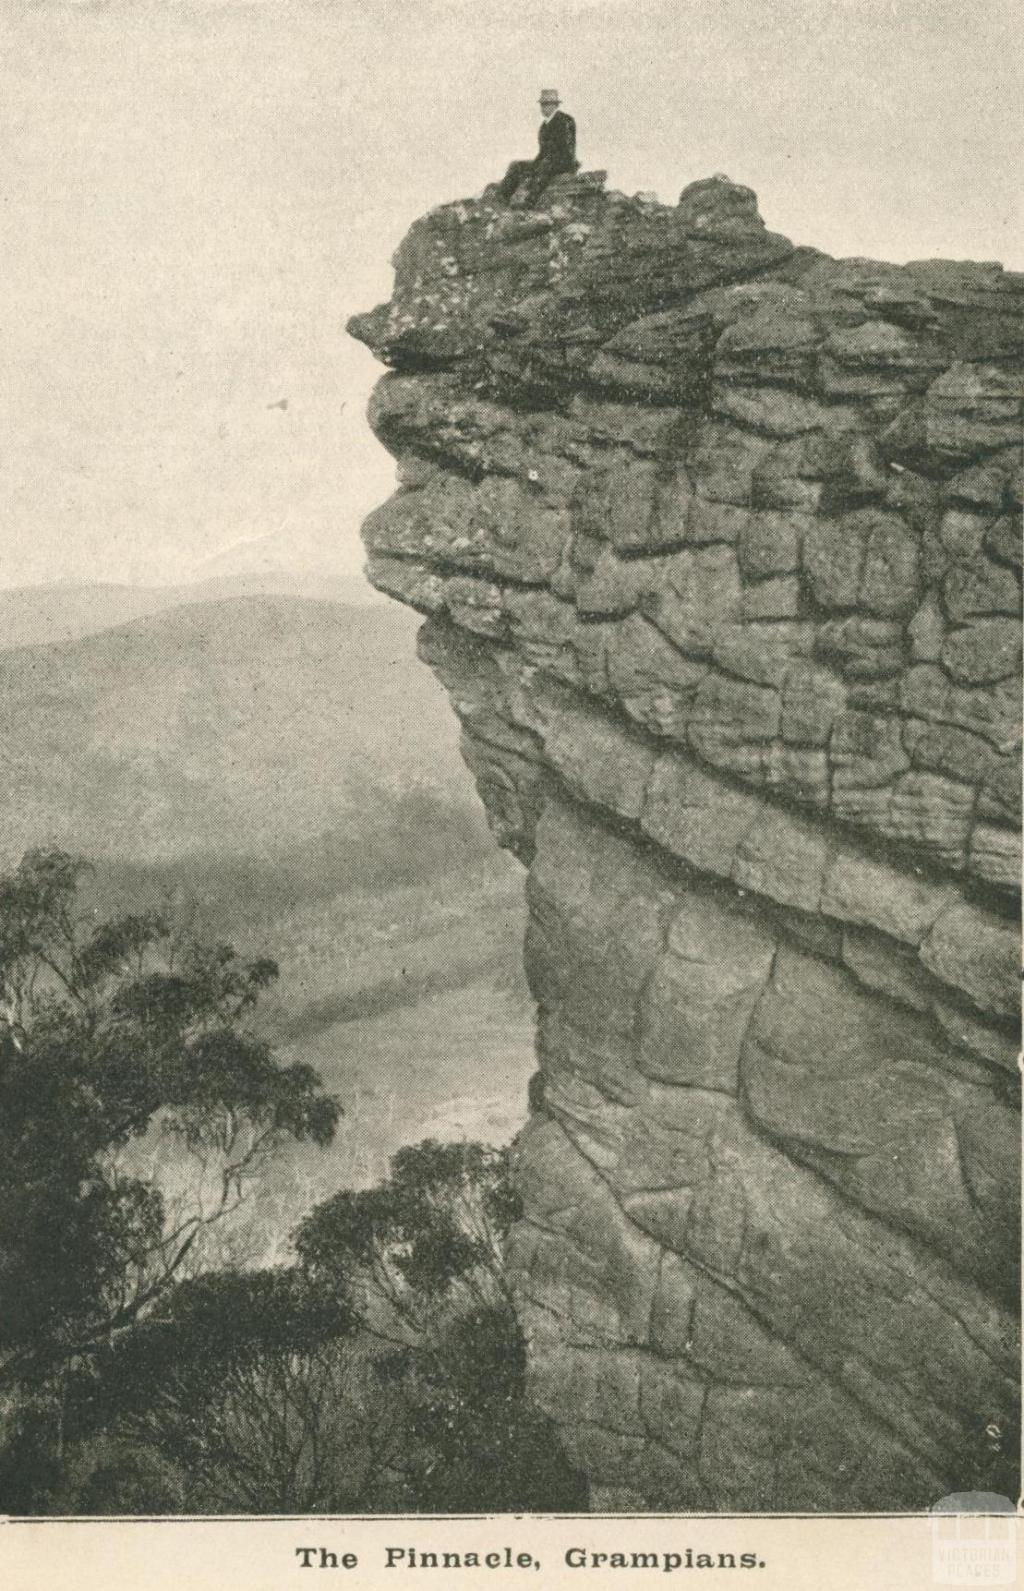 The Pinnacle, Grampians, 1919